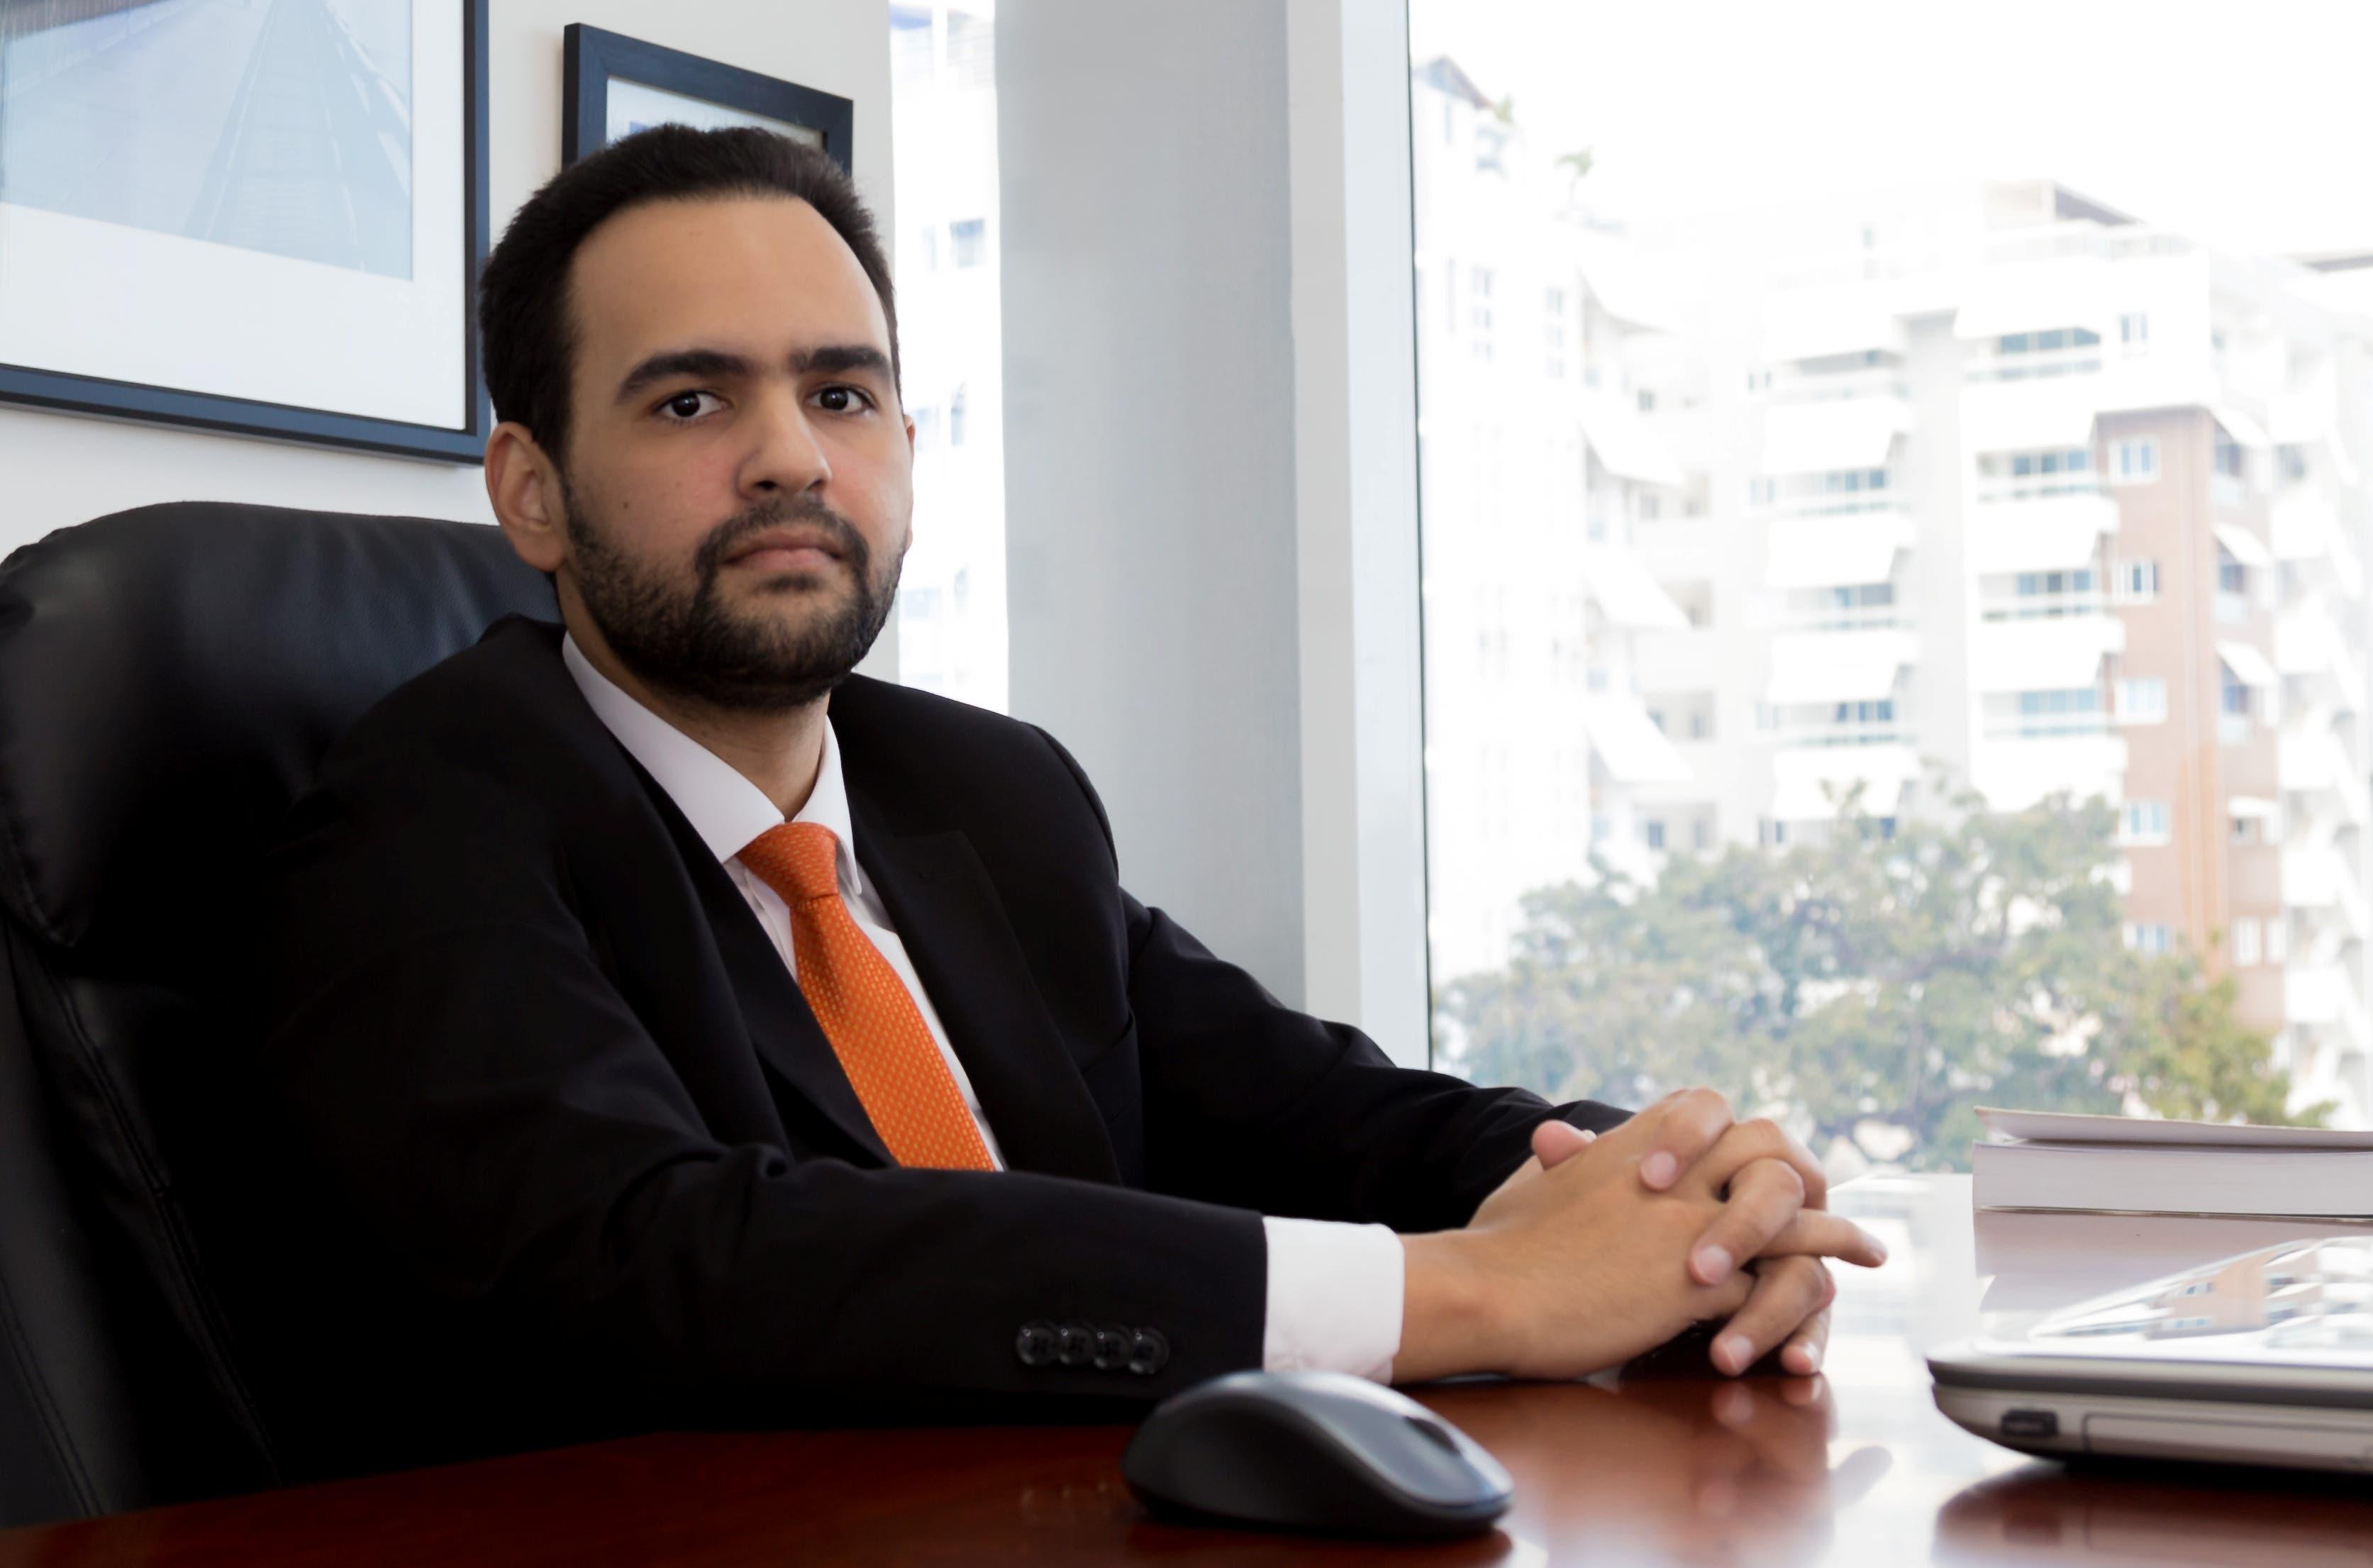 El abogado Franklyn José Hernández Bretón dijo que el dominicano no tiene percepción  de pagar impuestos, porque sabe que no tendrá ningún tipo de consecuencia inmediata y mucho menos recibirá un constante monitoreo.